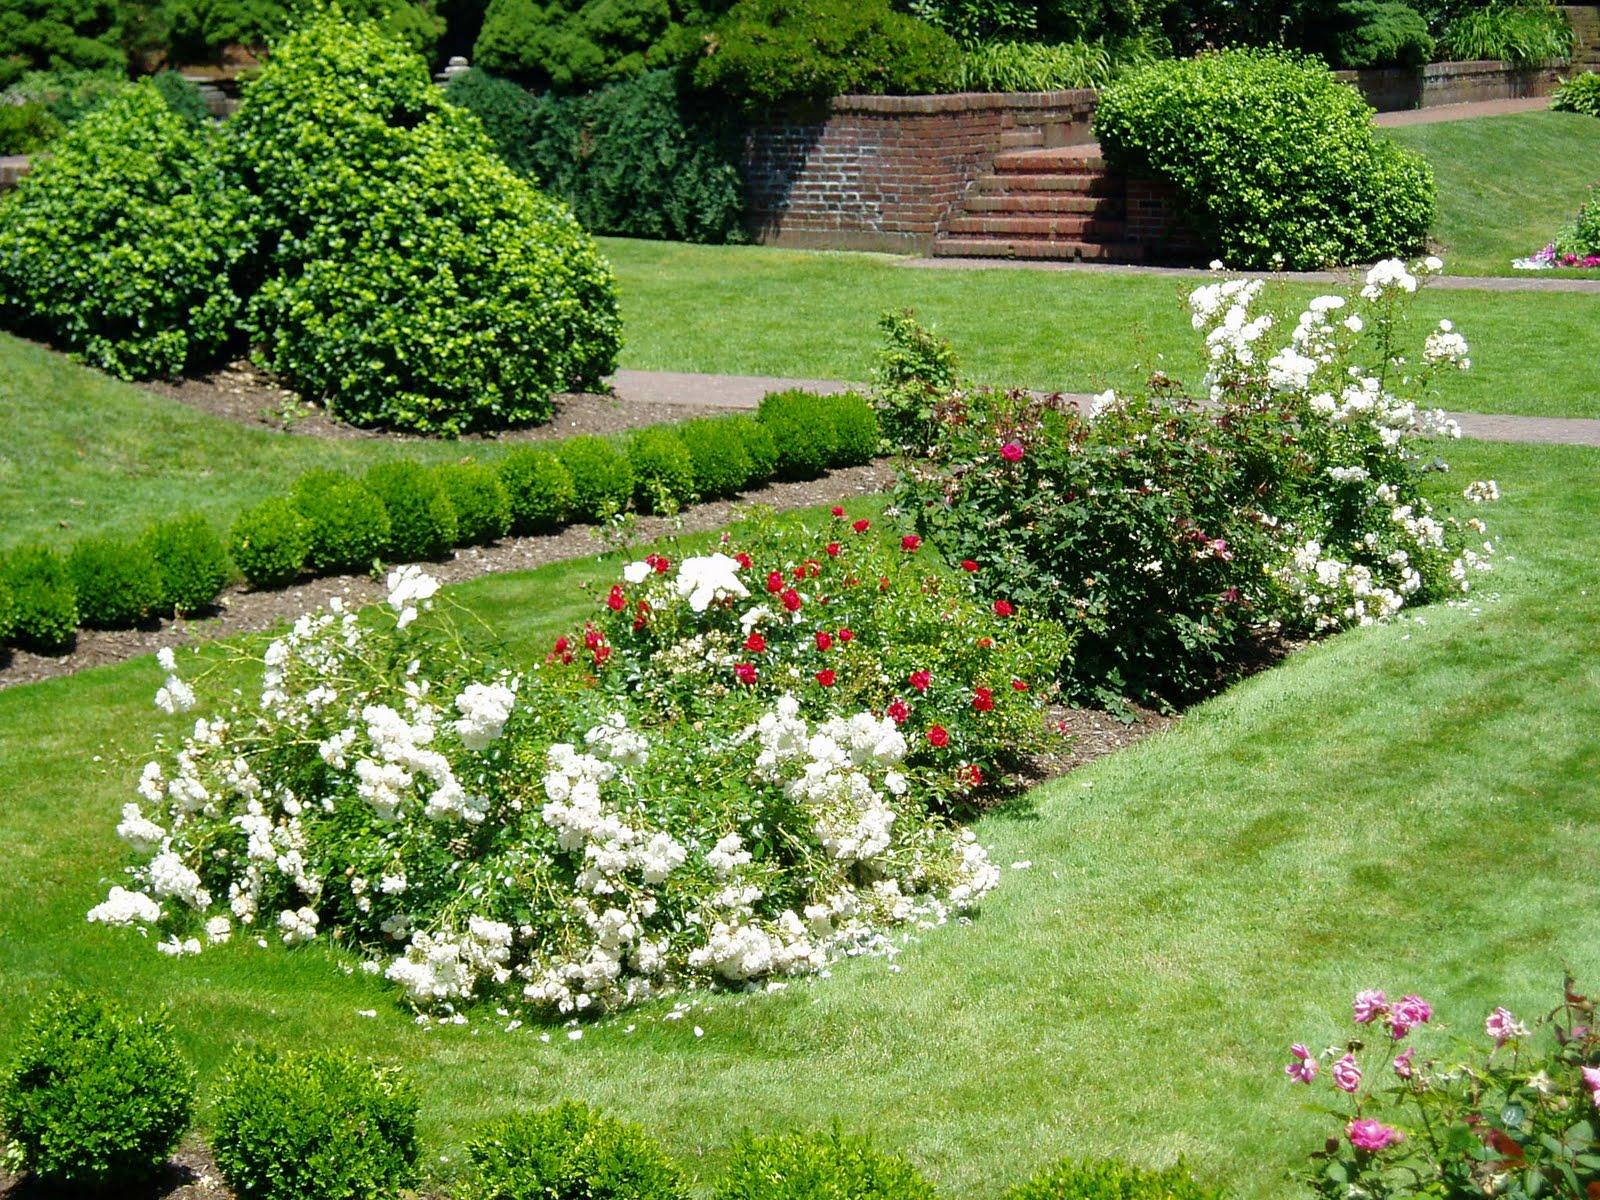 Enchanted Garden: Evelyn And Rose: Enchanted Garden